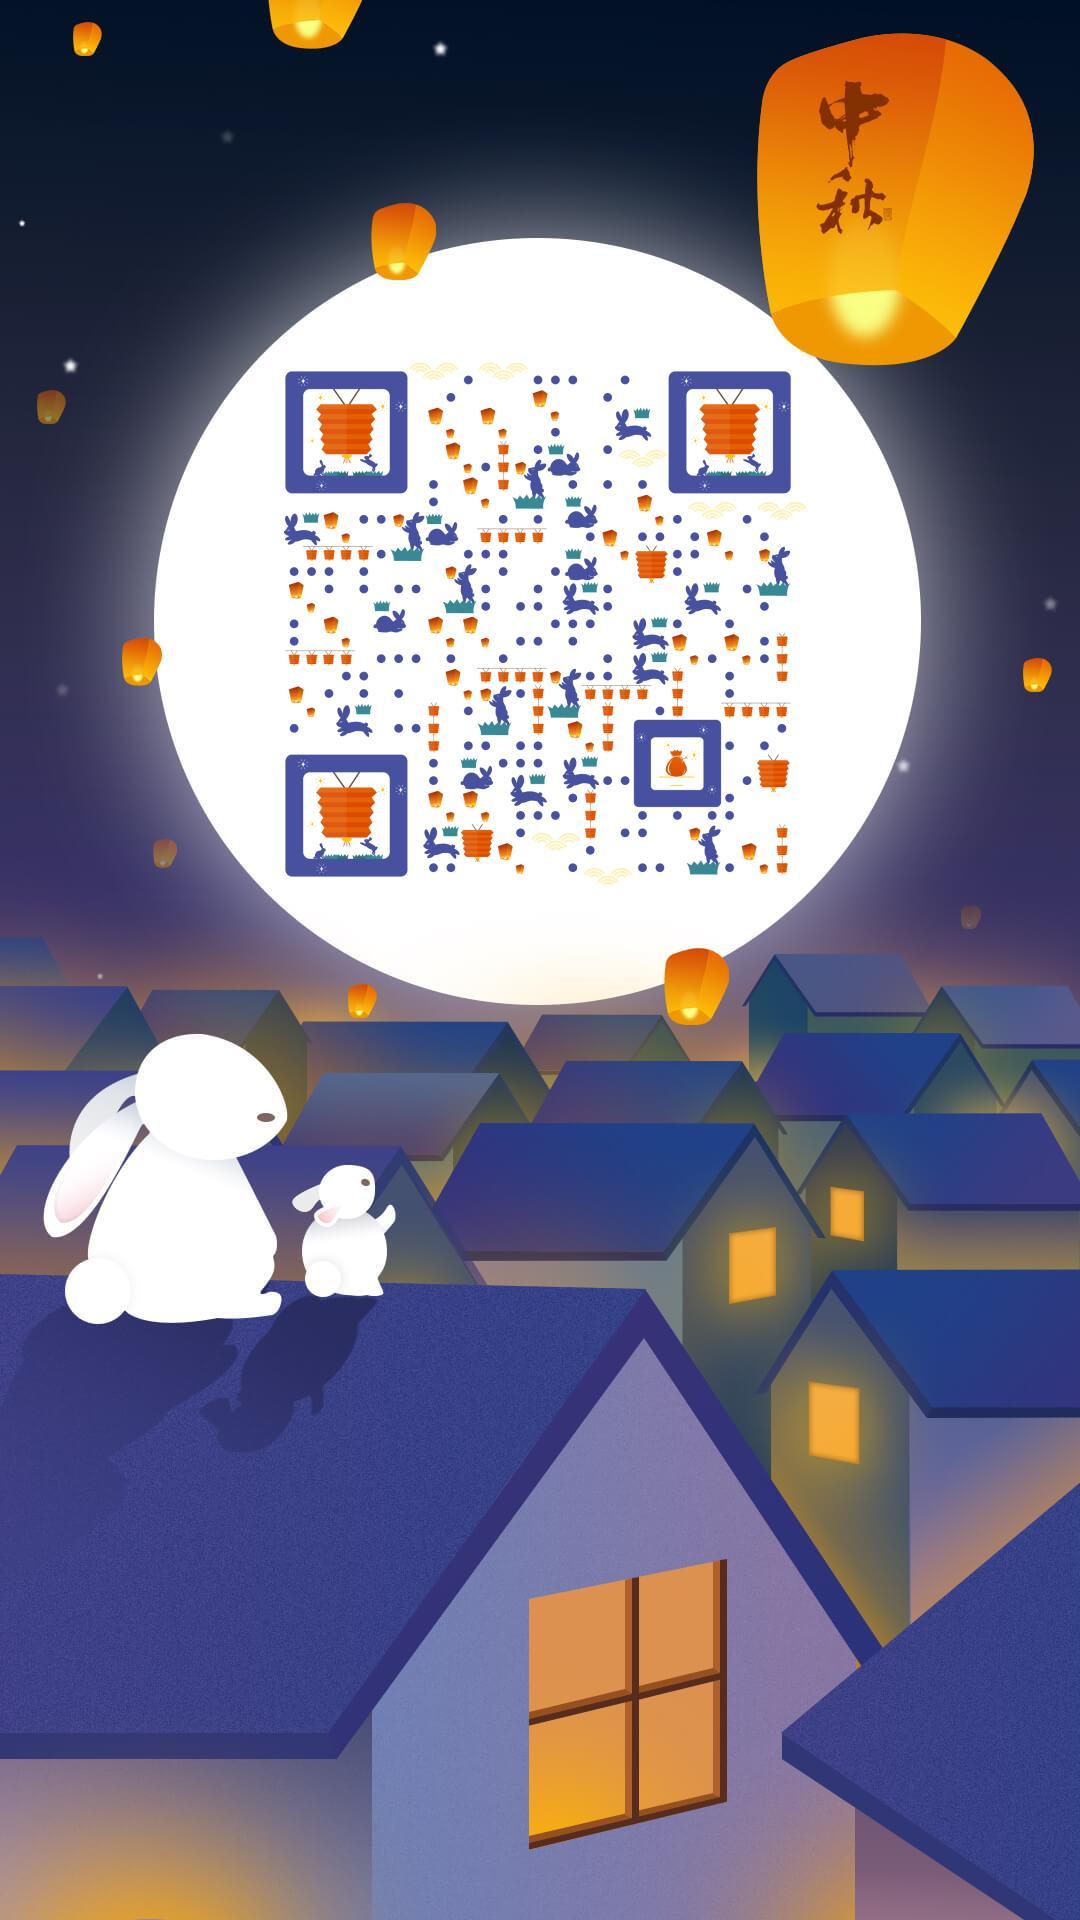 月亮上的故事 艺术二维码